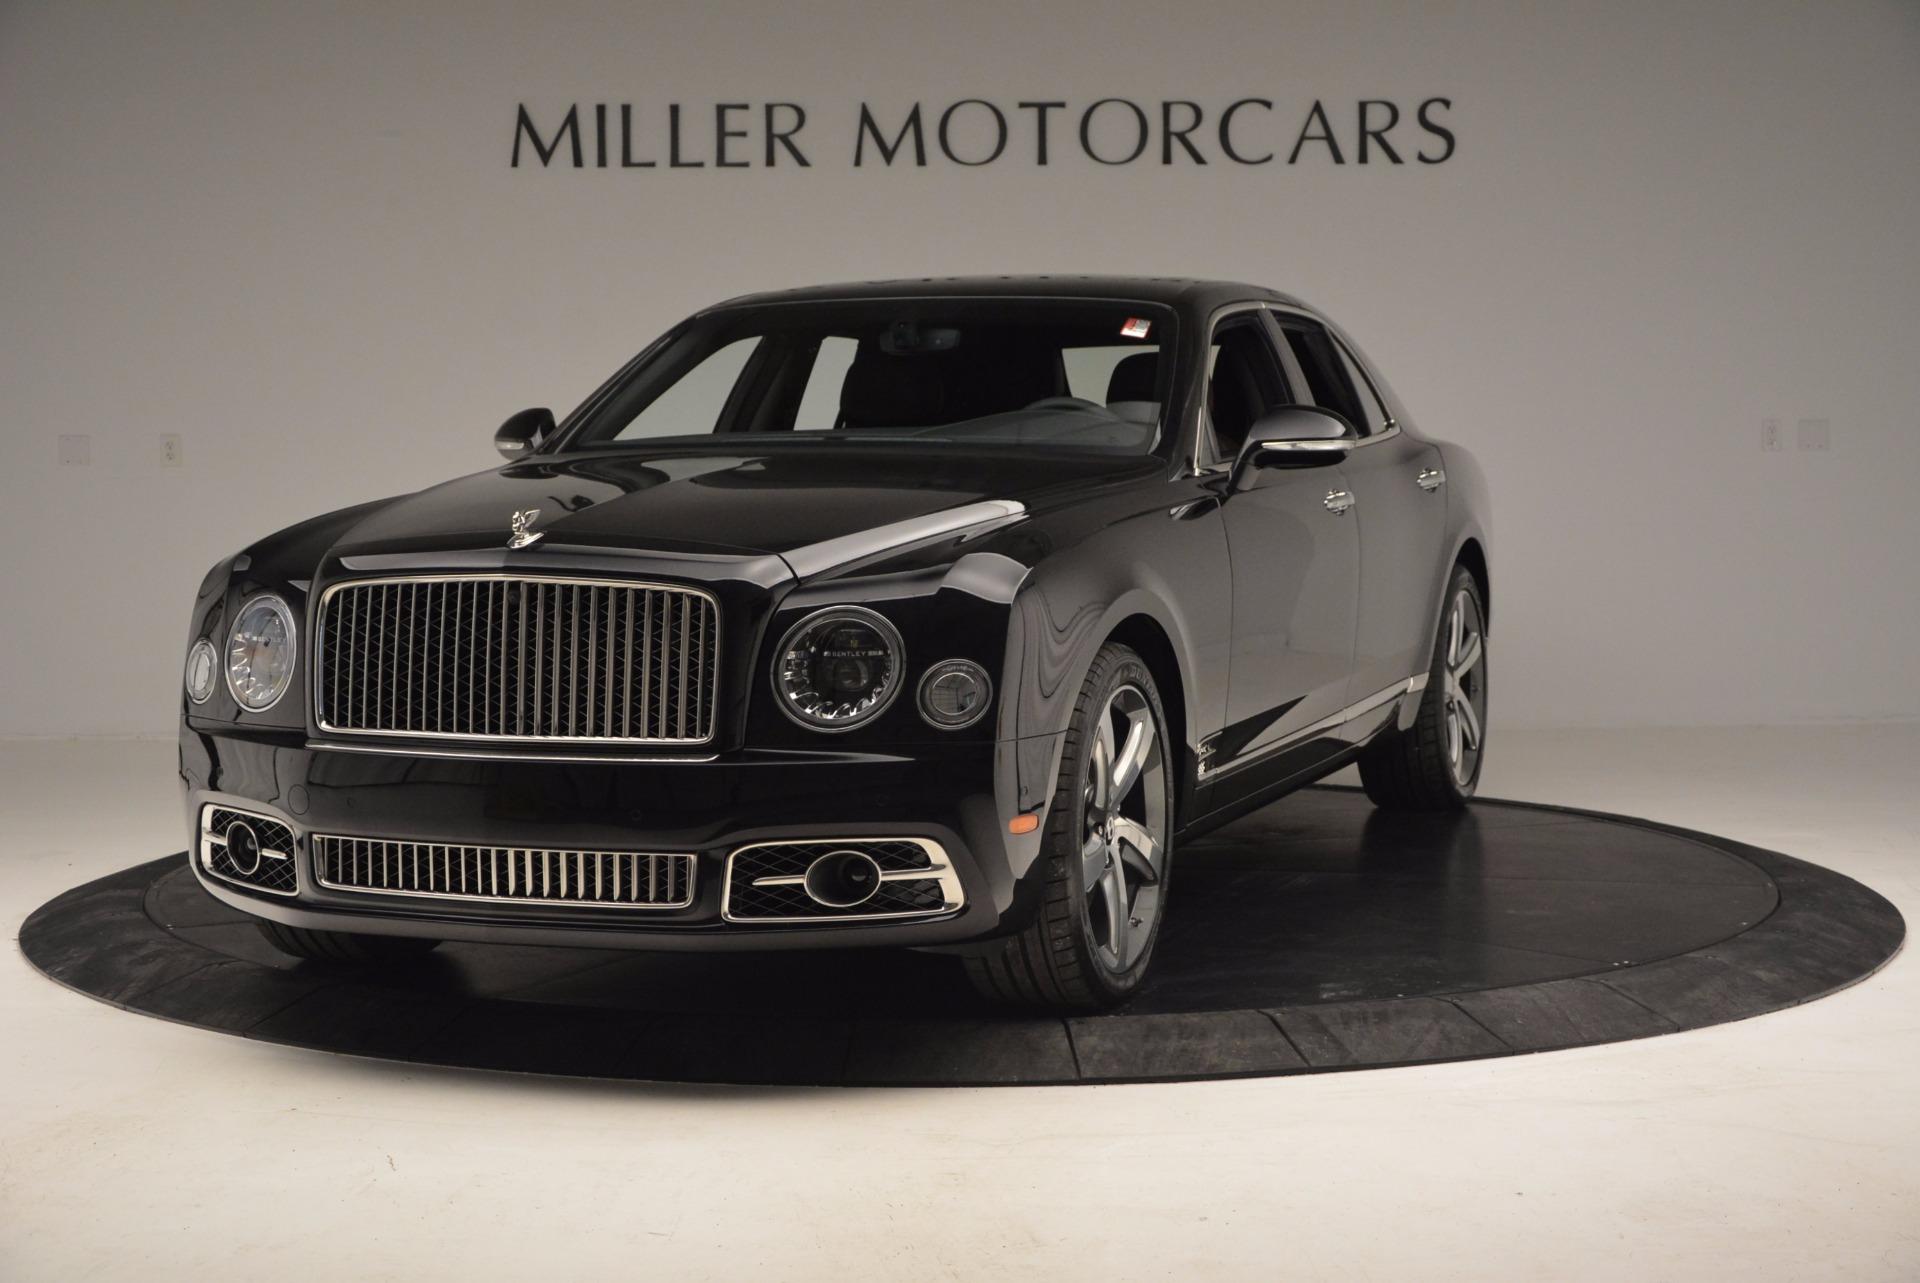 Used 2017 Bentley Mulsanne Speed for sale Sold at Alfa Romeo of Westport in Westport CT 06880 1